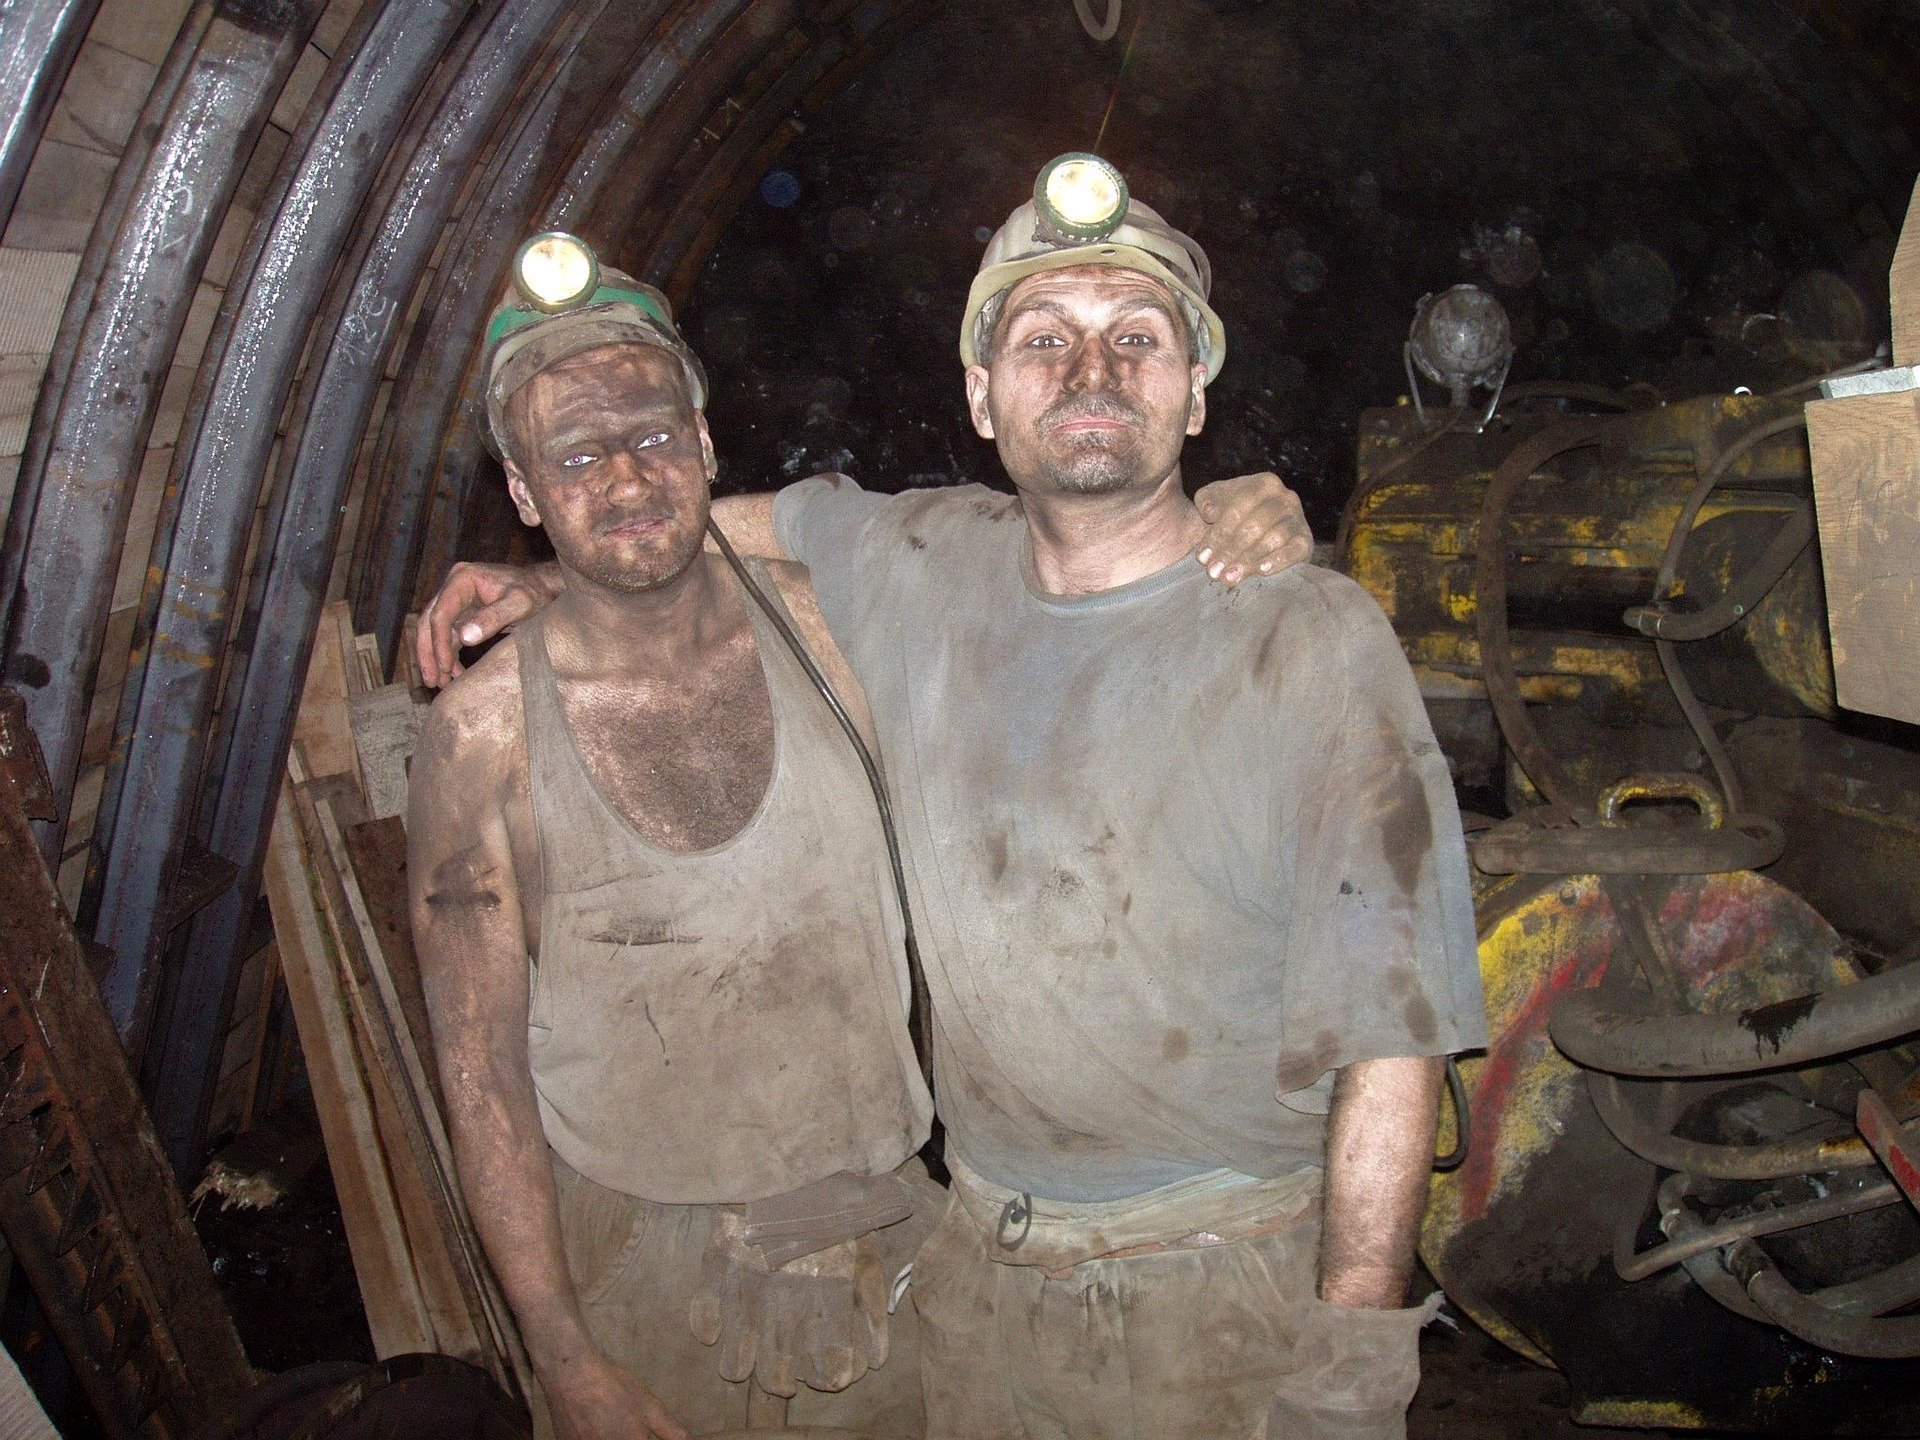 Špatná zpráva od Vojtěcha: Některé zákazy na Karvinsku musí kvůli horníkům pokračovat